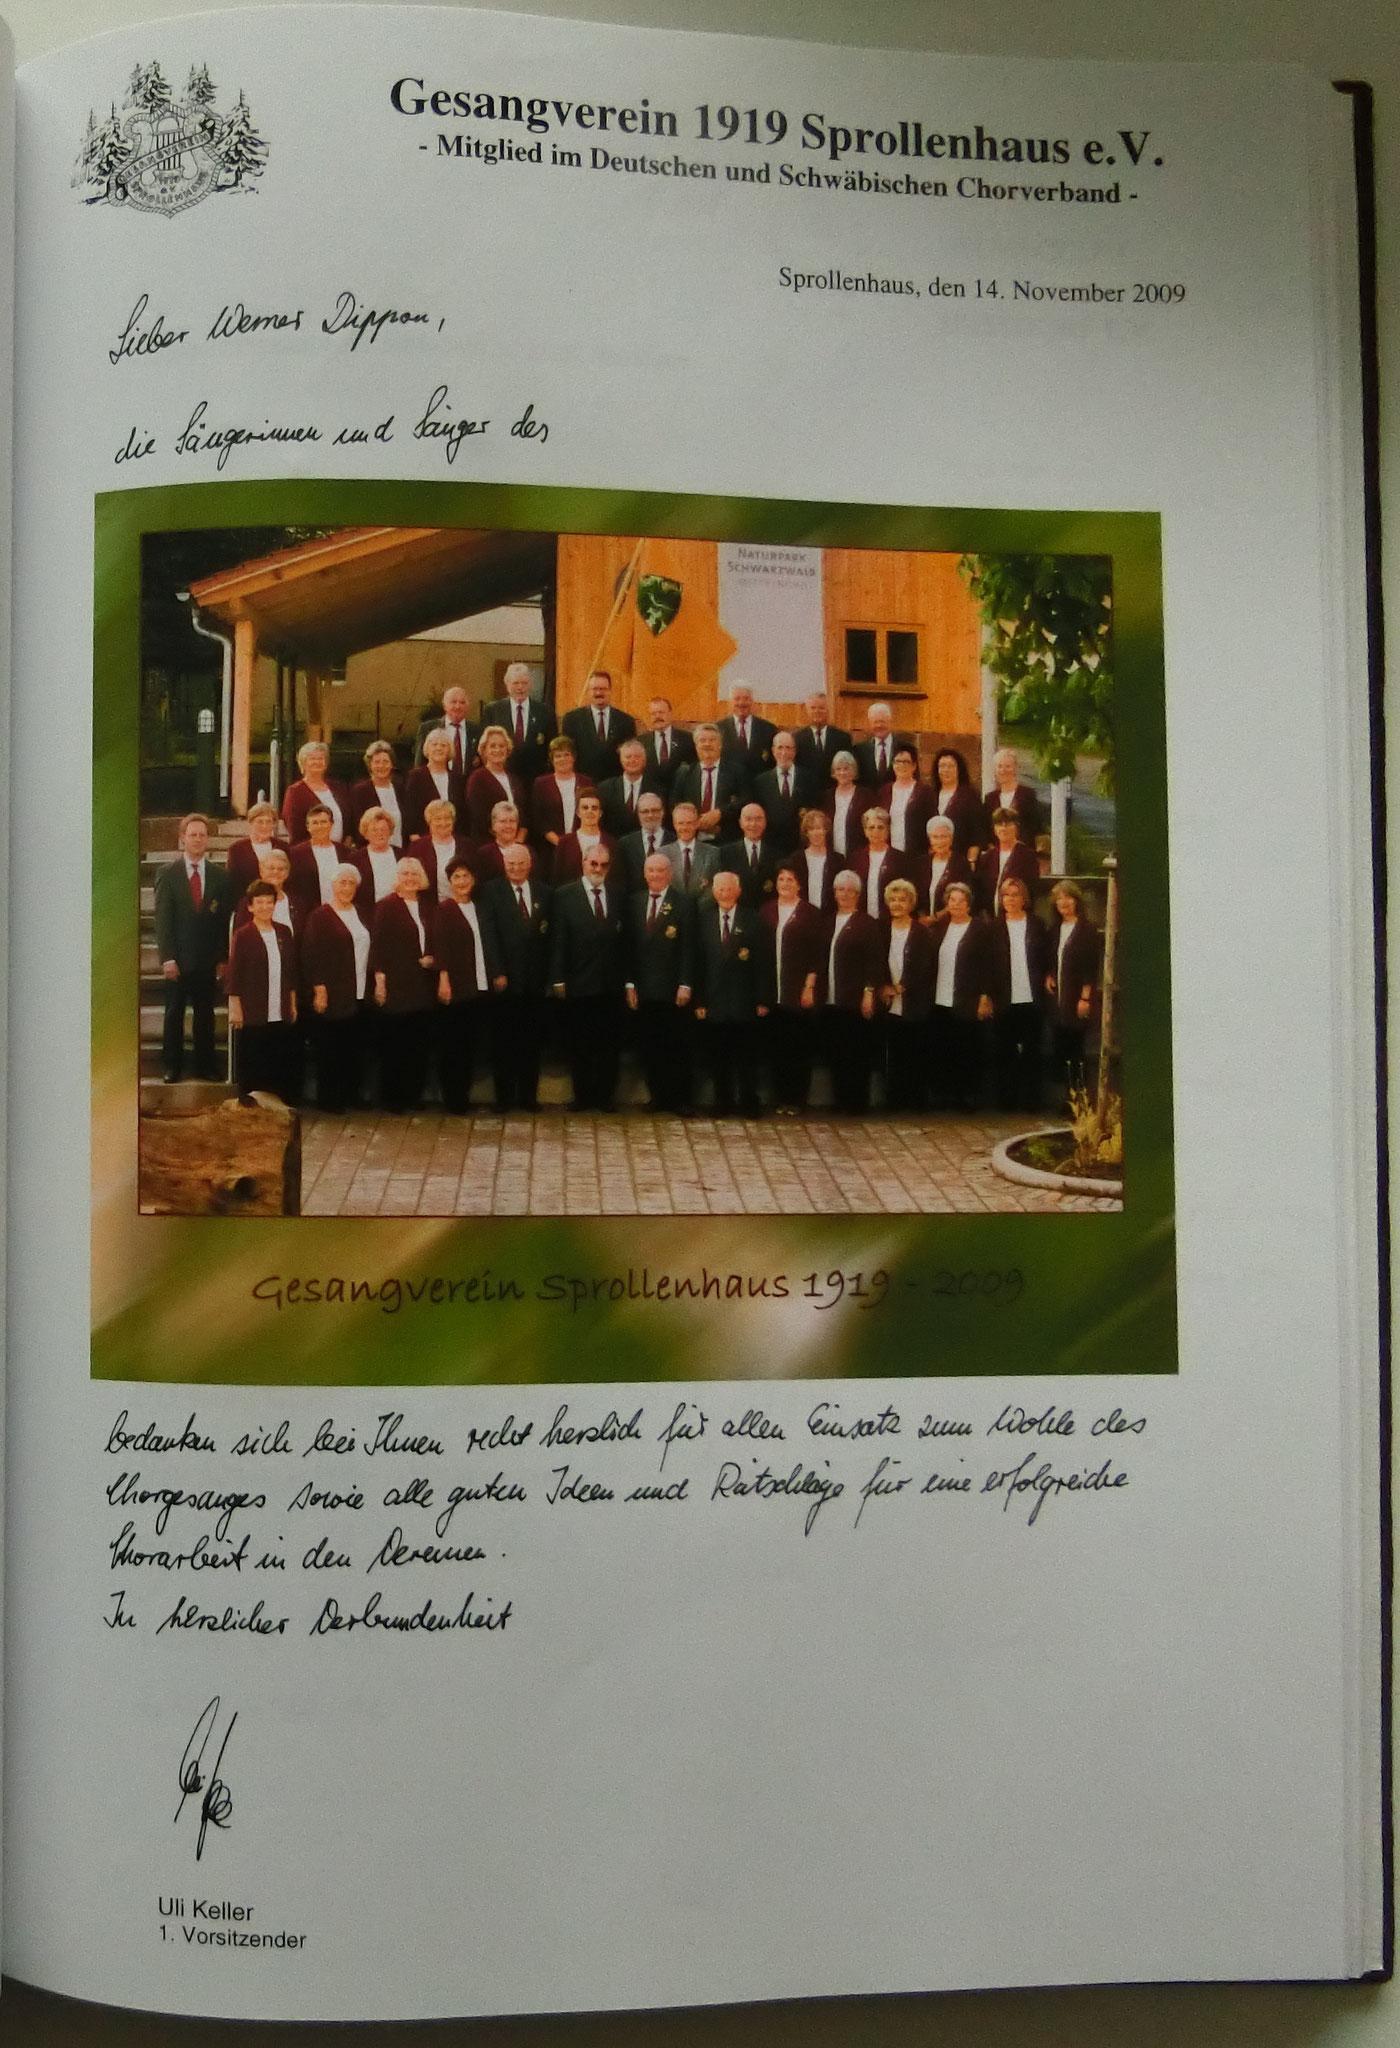 Gesangverein Sprollenhaus